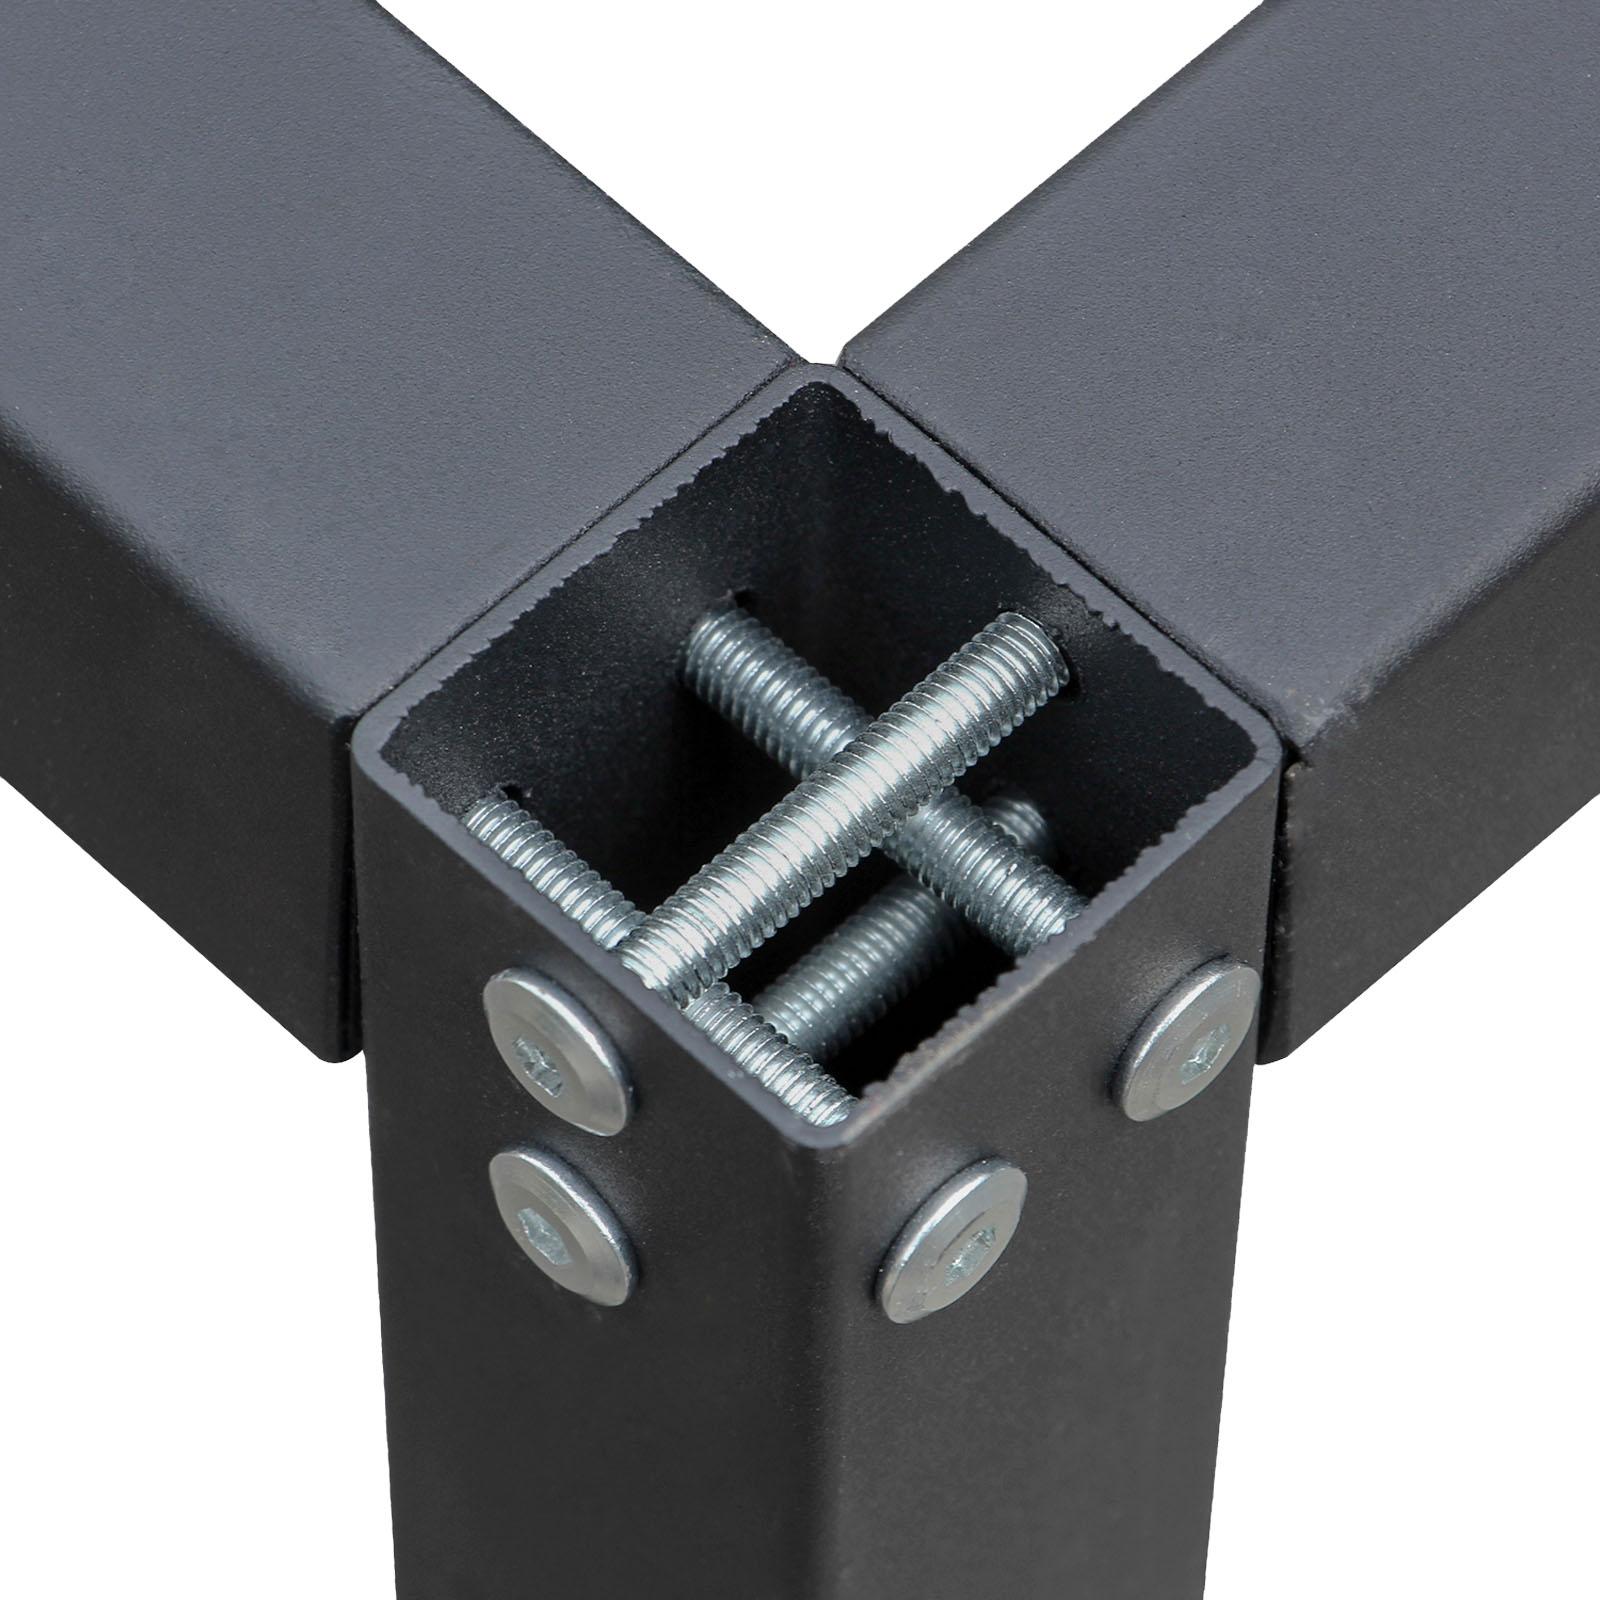 Construire Un Etabli Multifonction détails sur châssis fixe établi b50xl175xh80cm armature établi table  travail atelier support